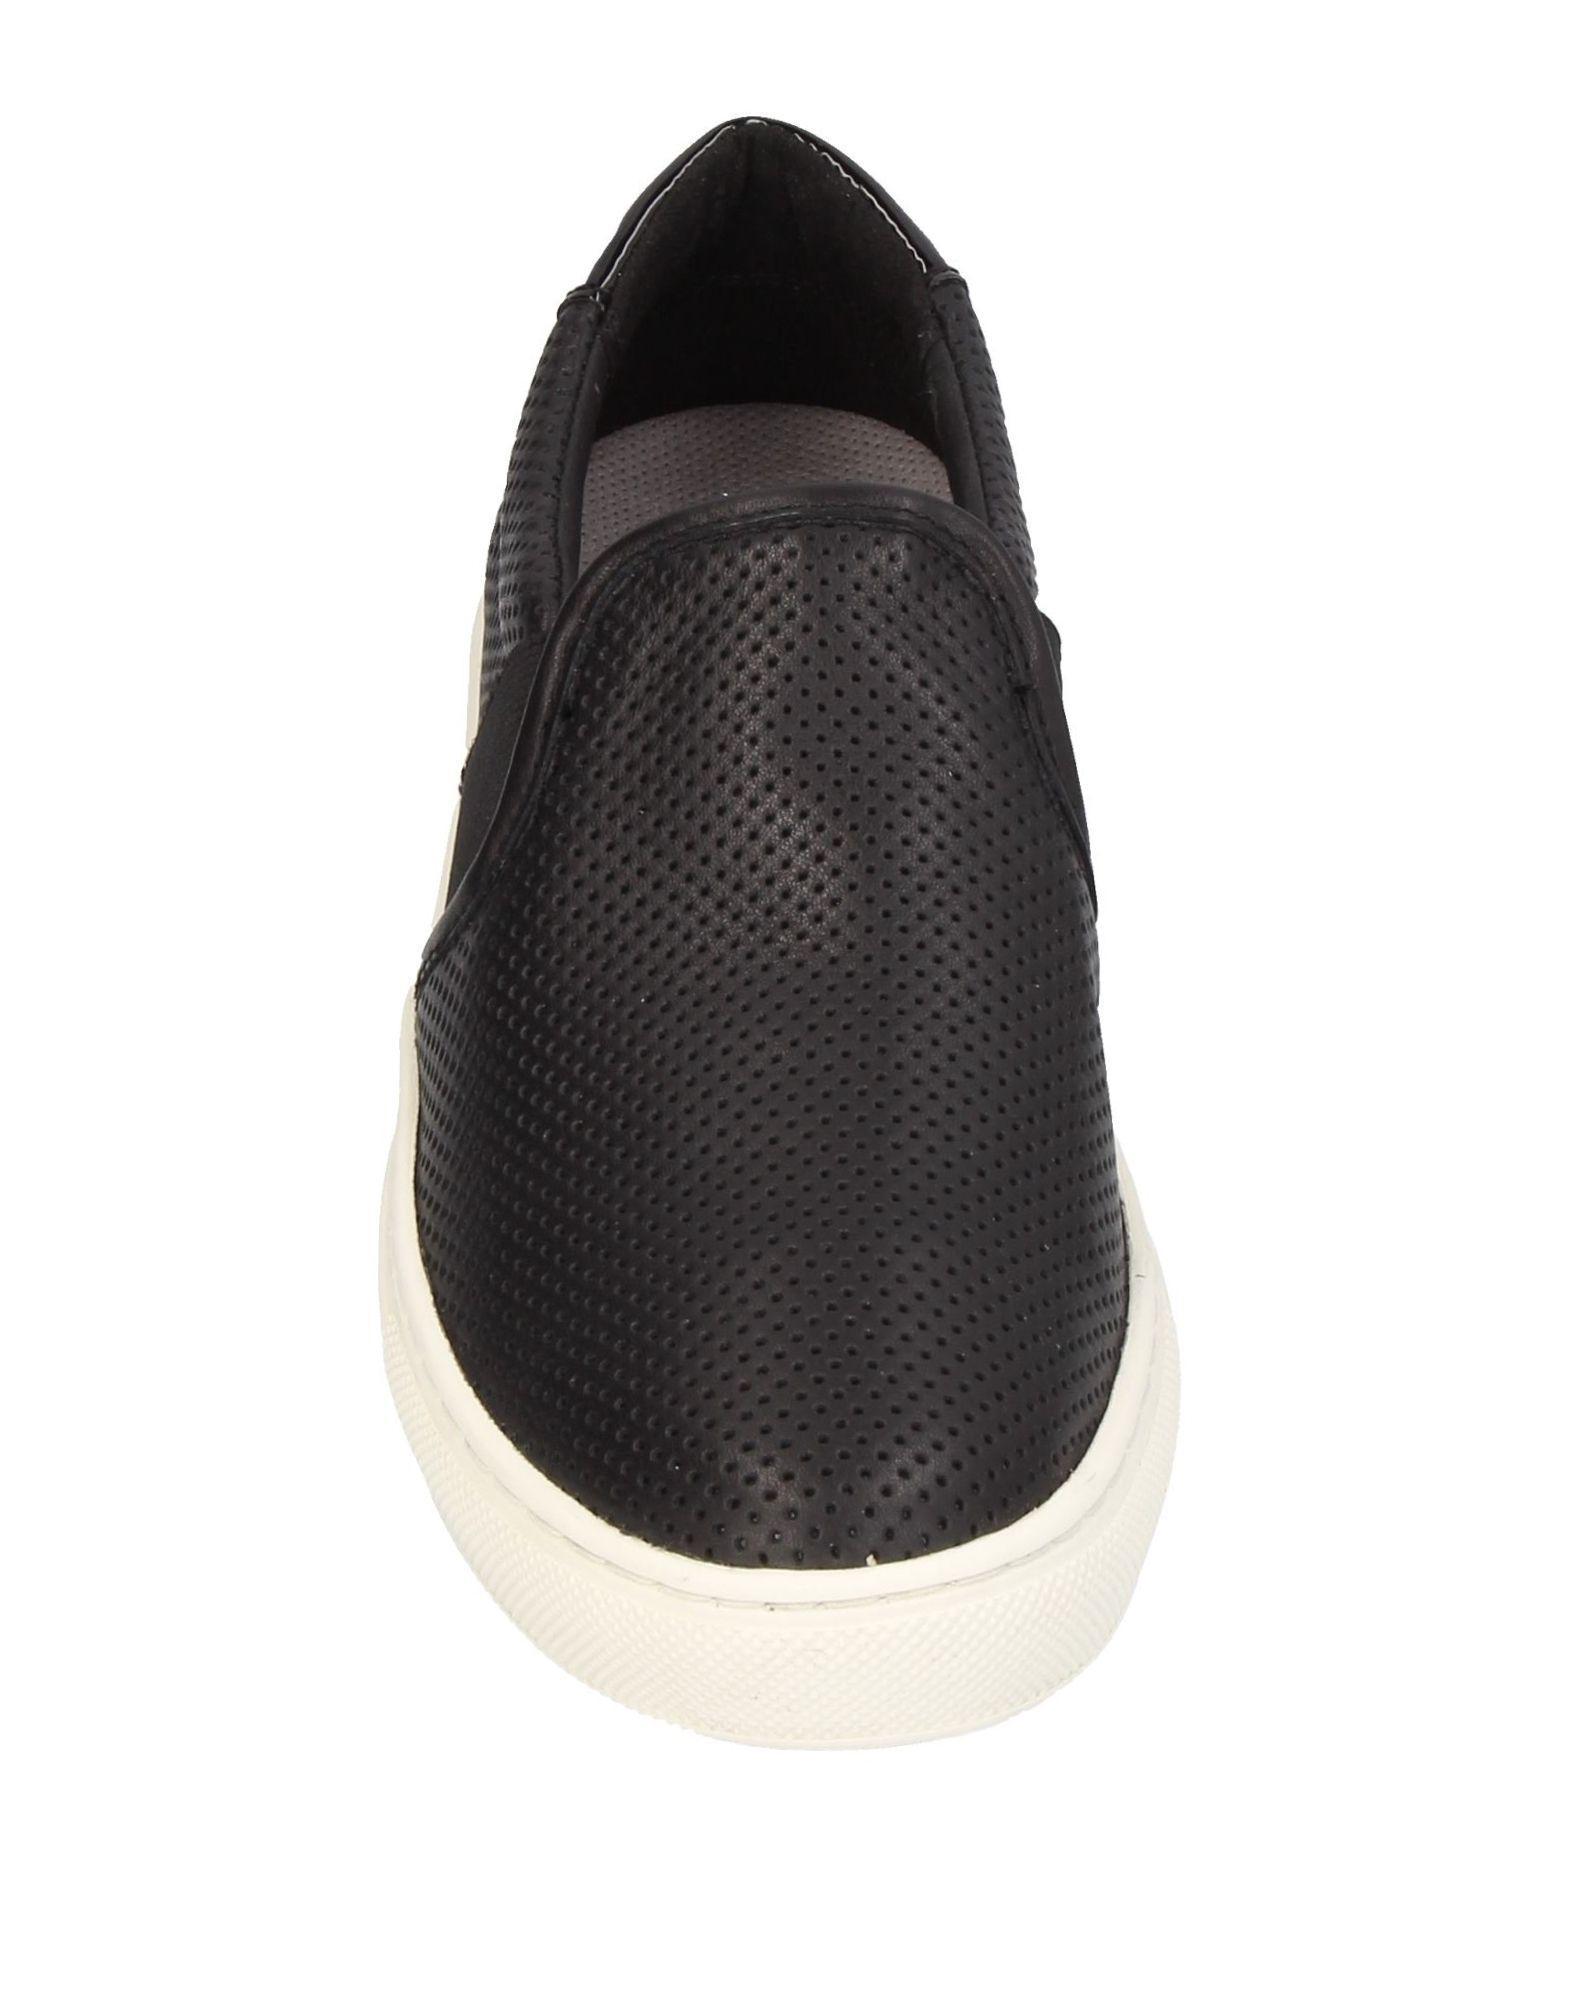 Geox Suede Low-tops & Sneakers in Black